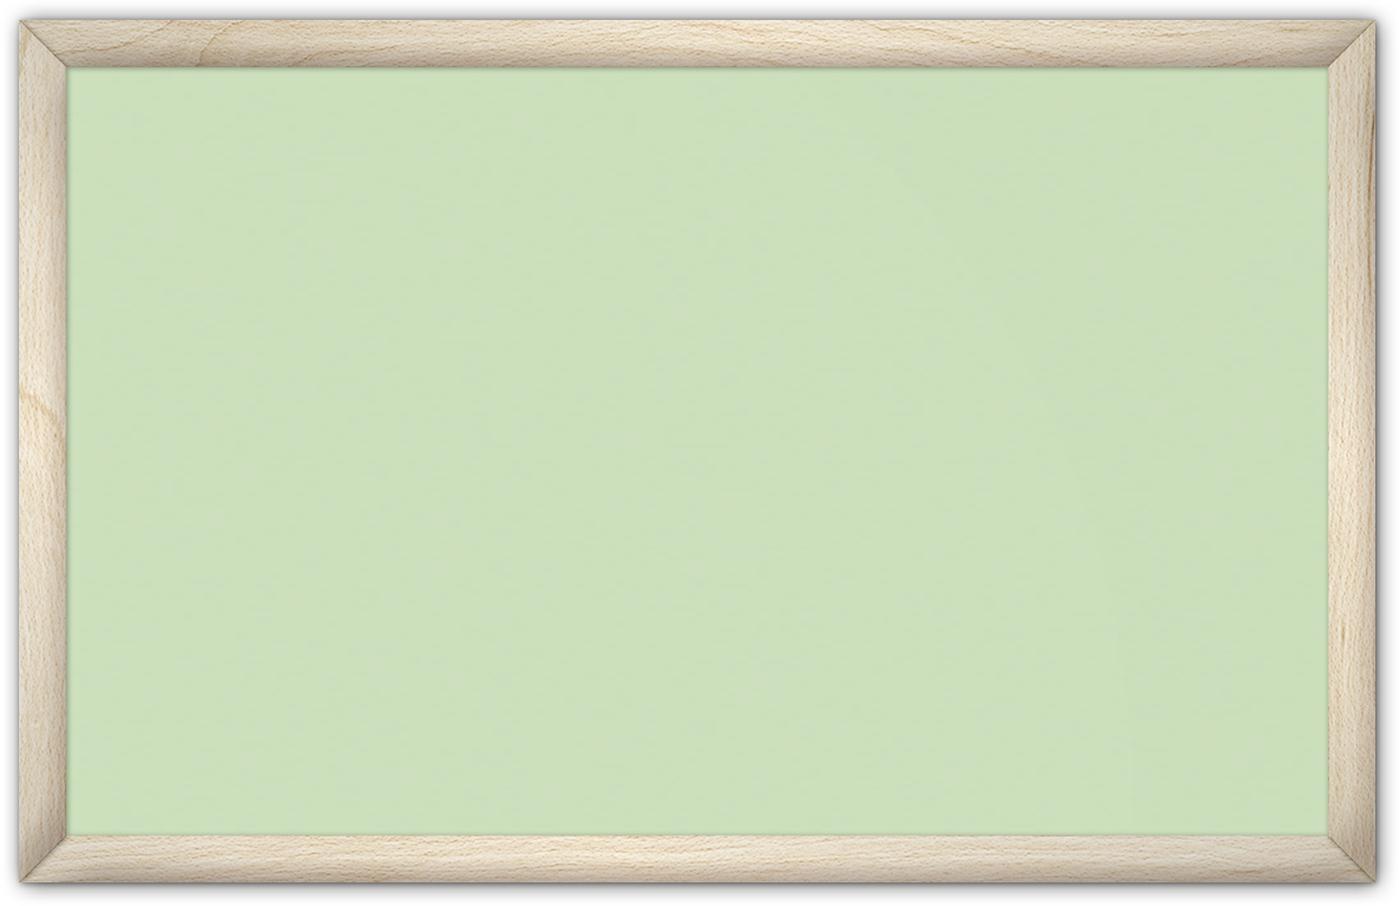 comfortSoft1000 ir. verw.paneel, 500W, 1020 x 650 mm, crème groen, lijst esdoornhout gelakt